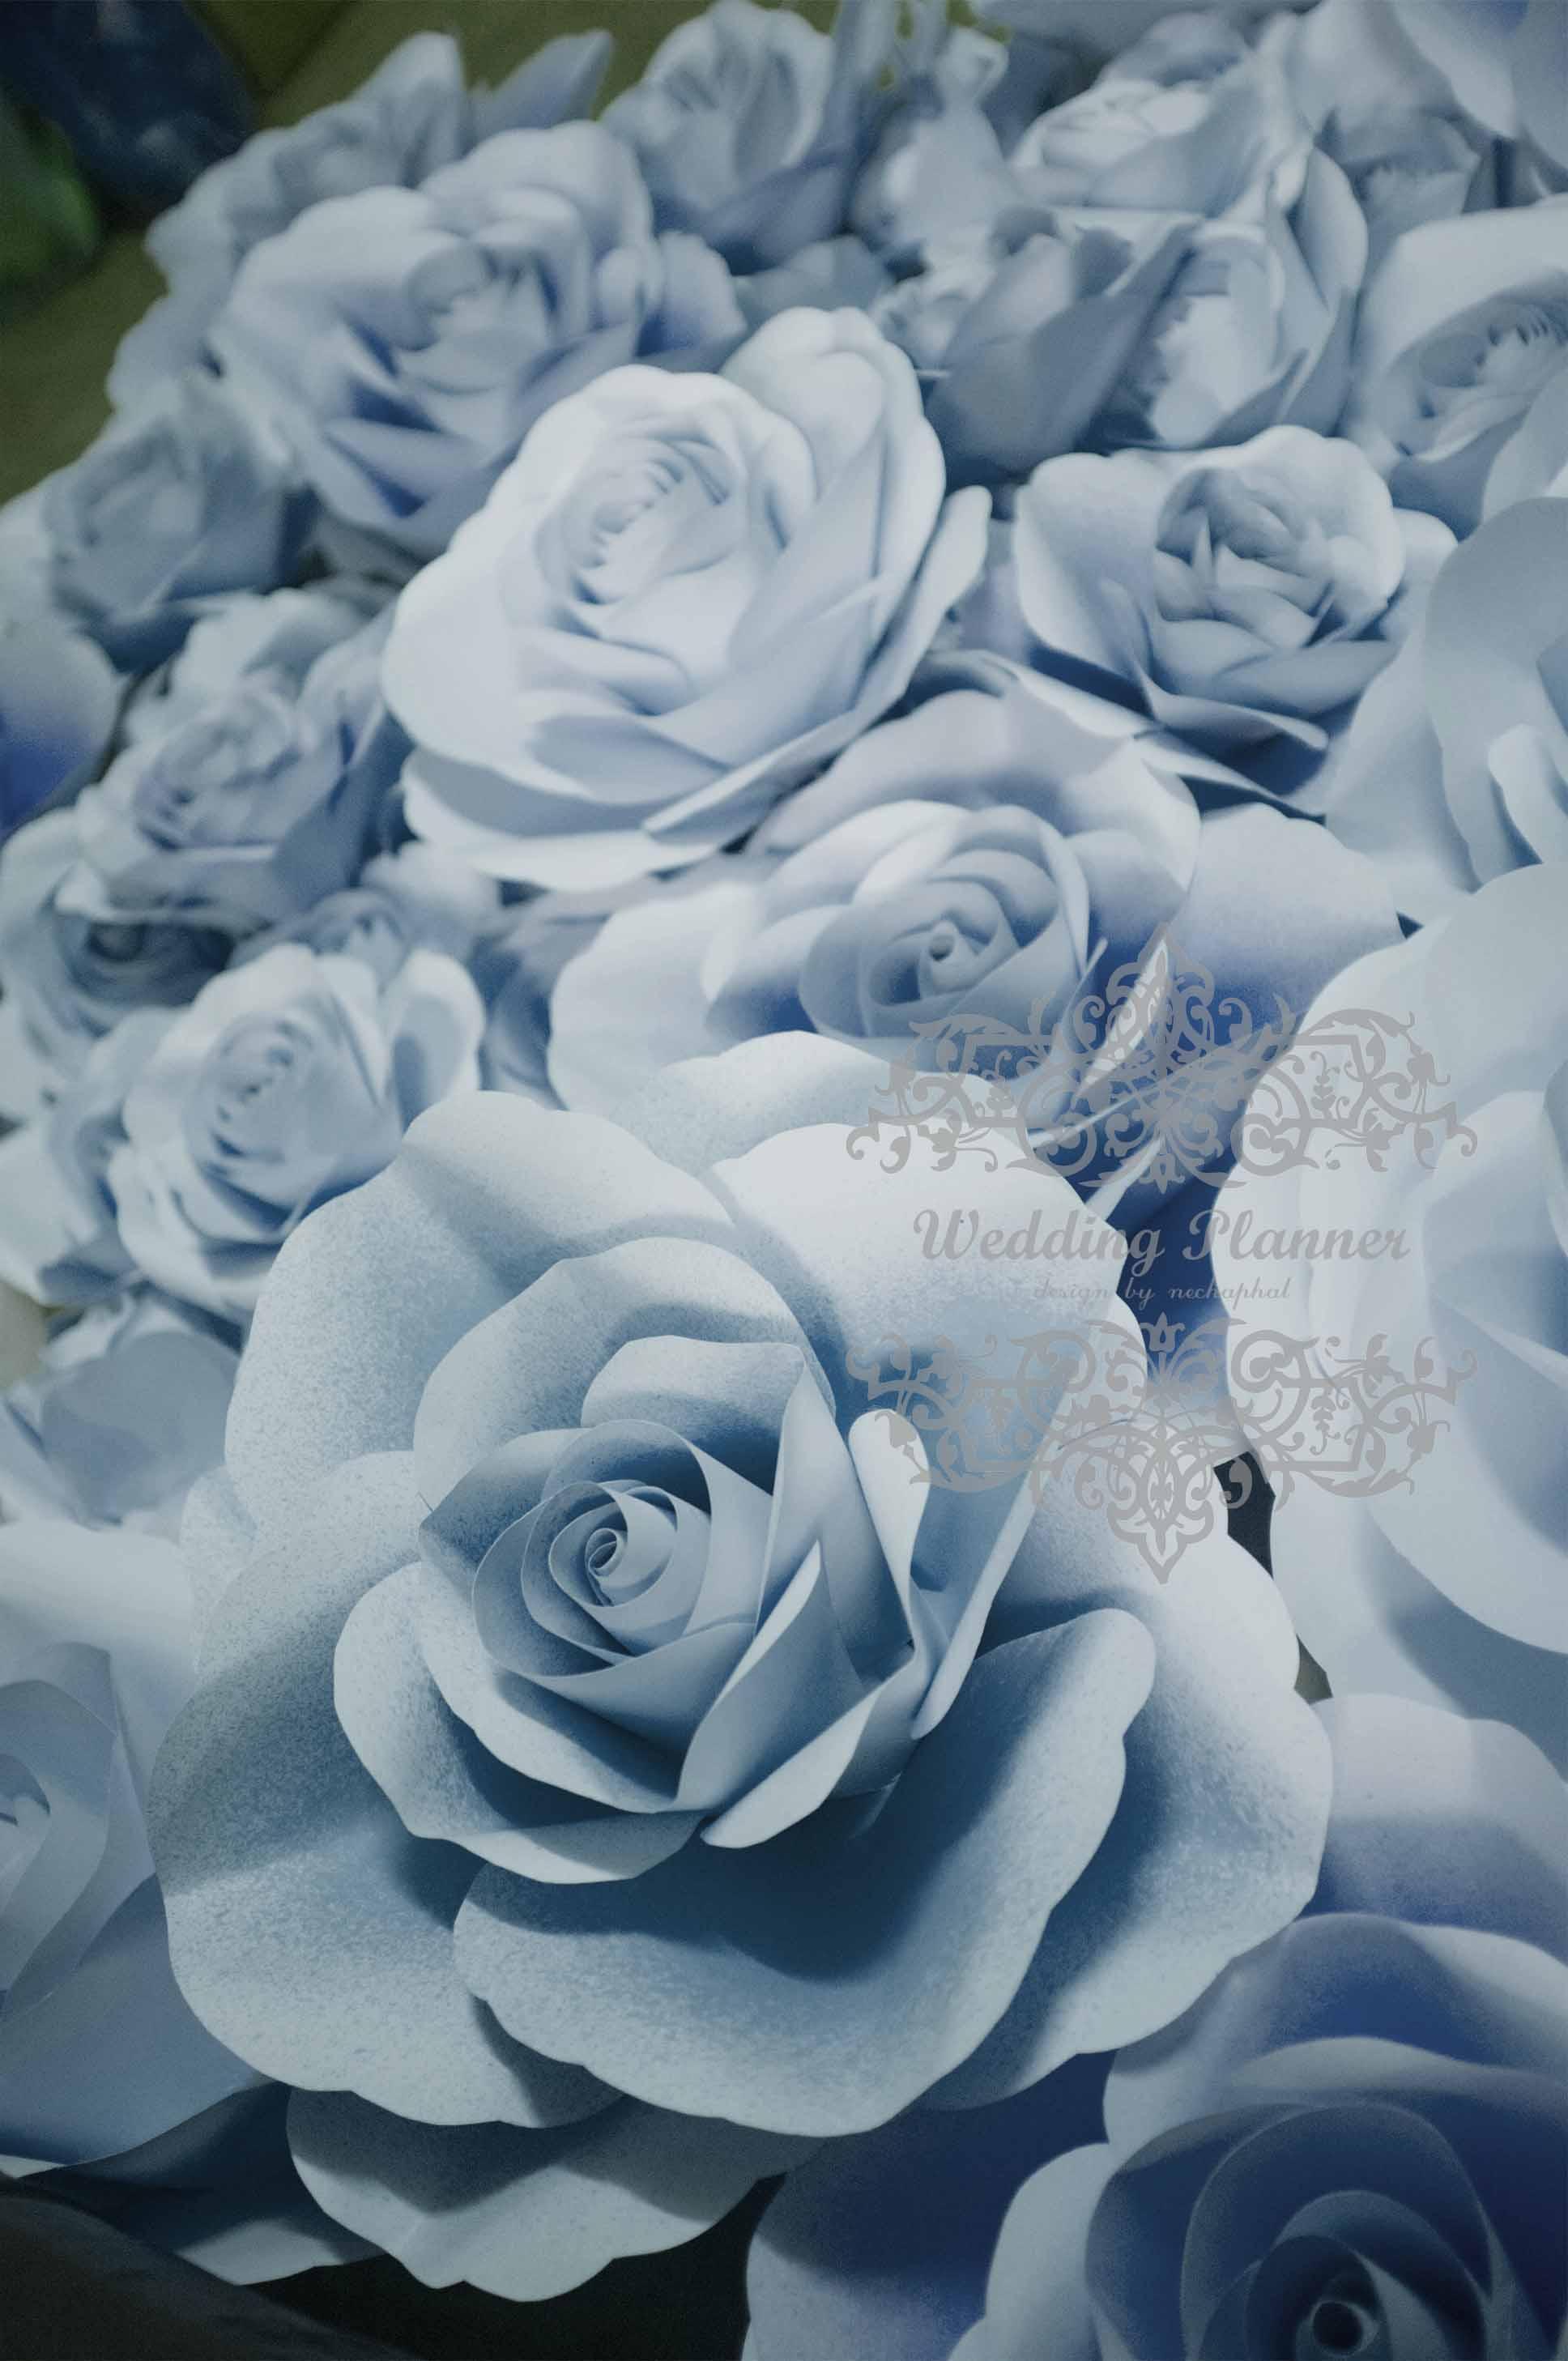 ดอกไม้กระดาษโทนสีฟ้าคราม - flower paper backdrop